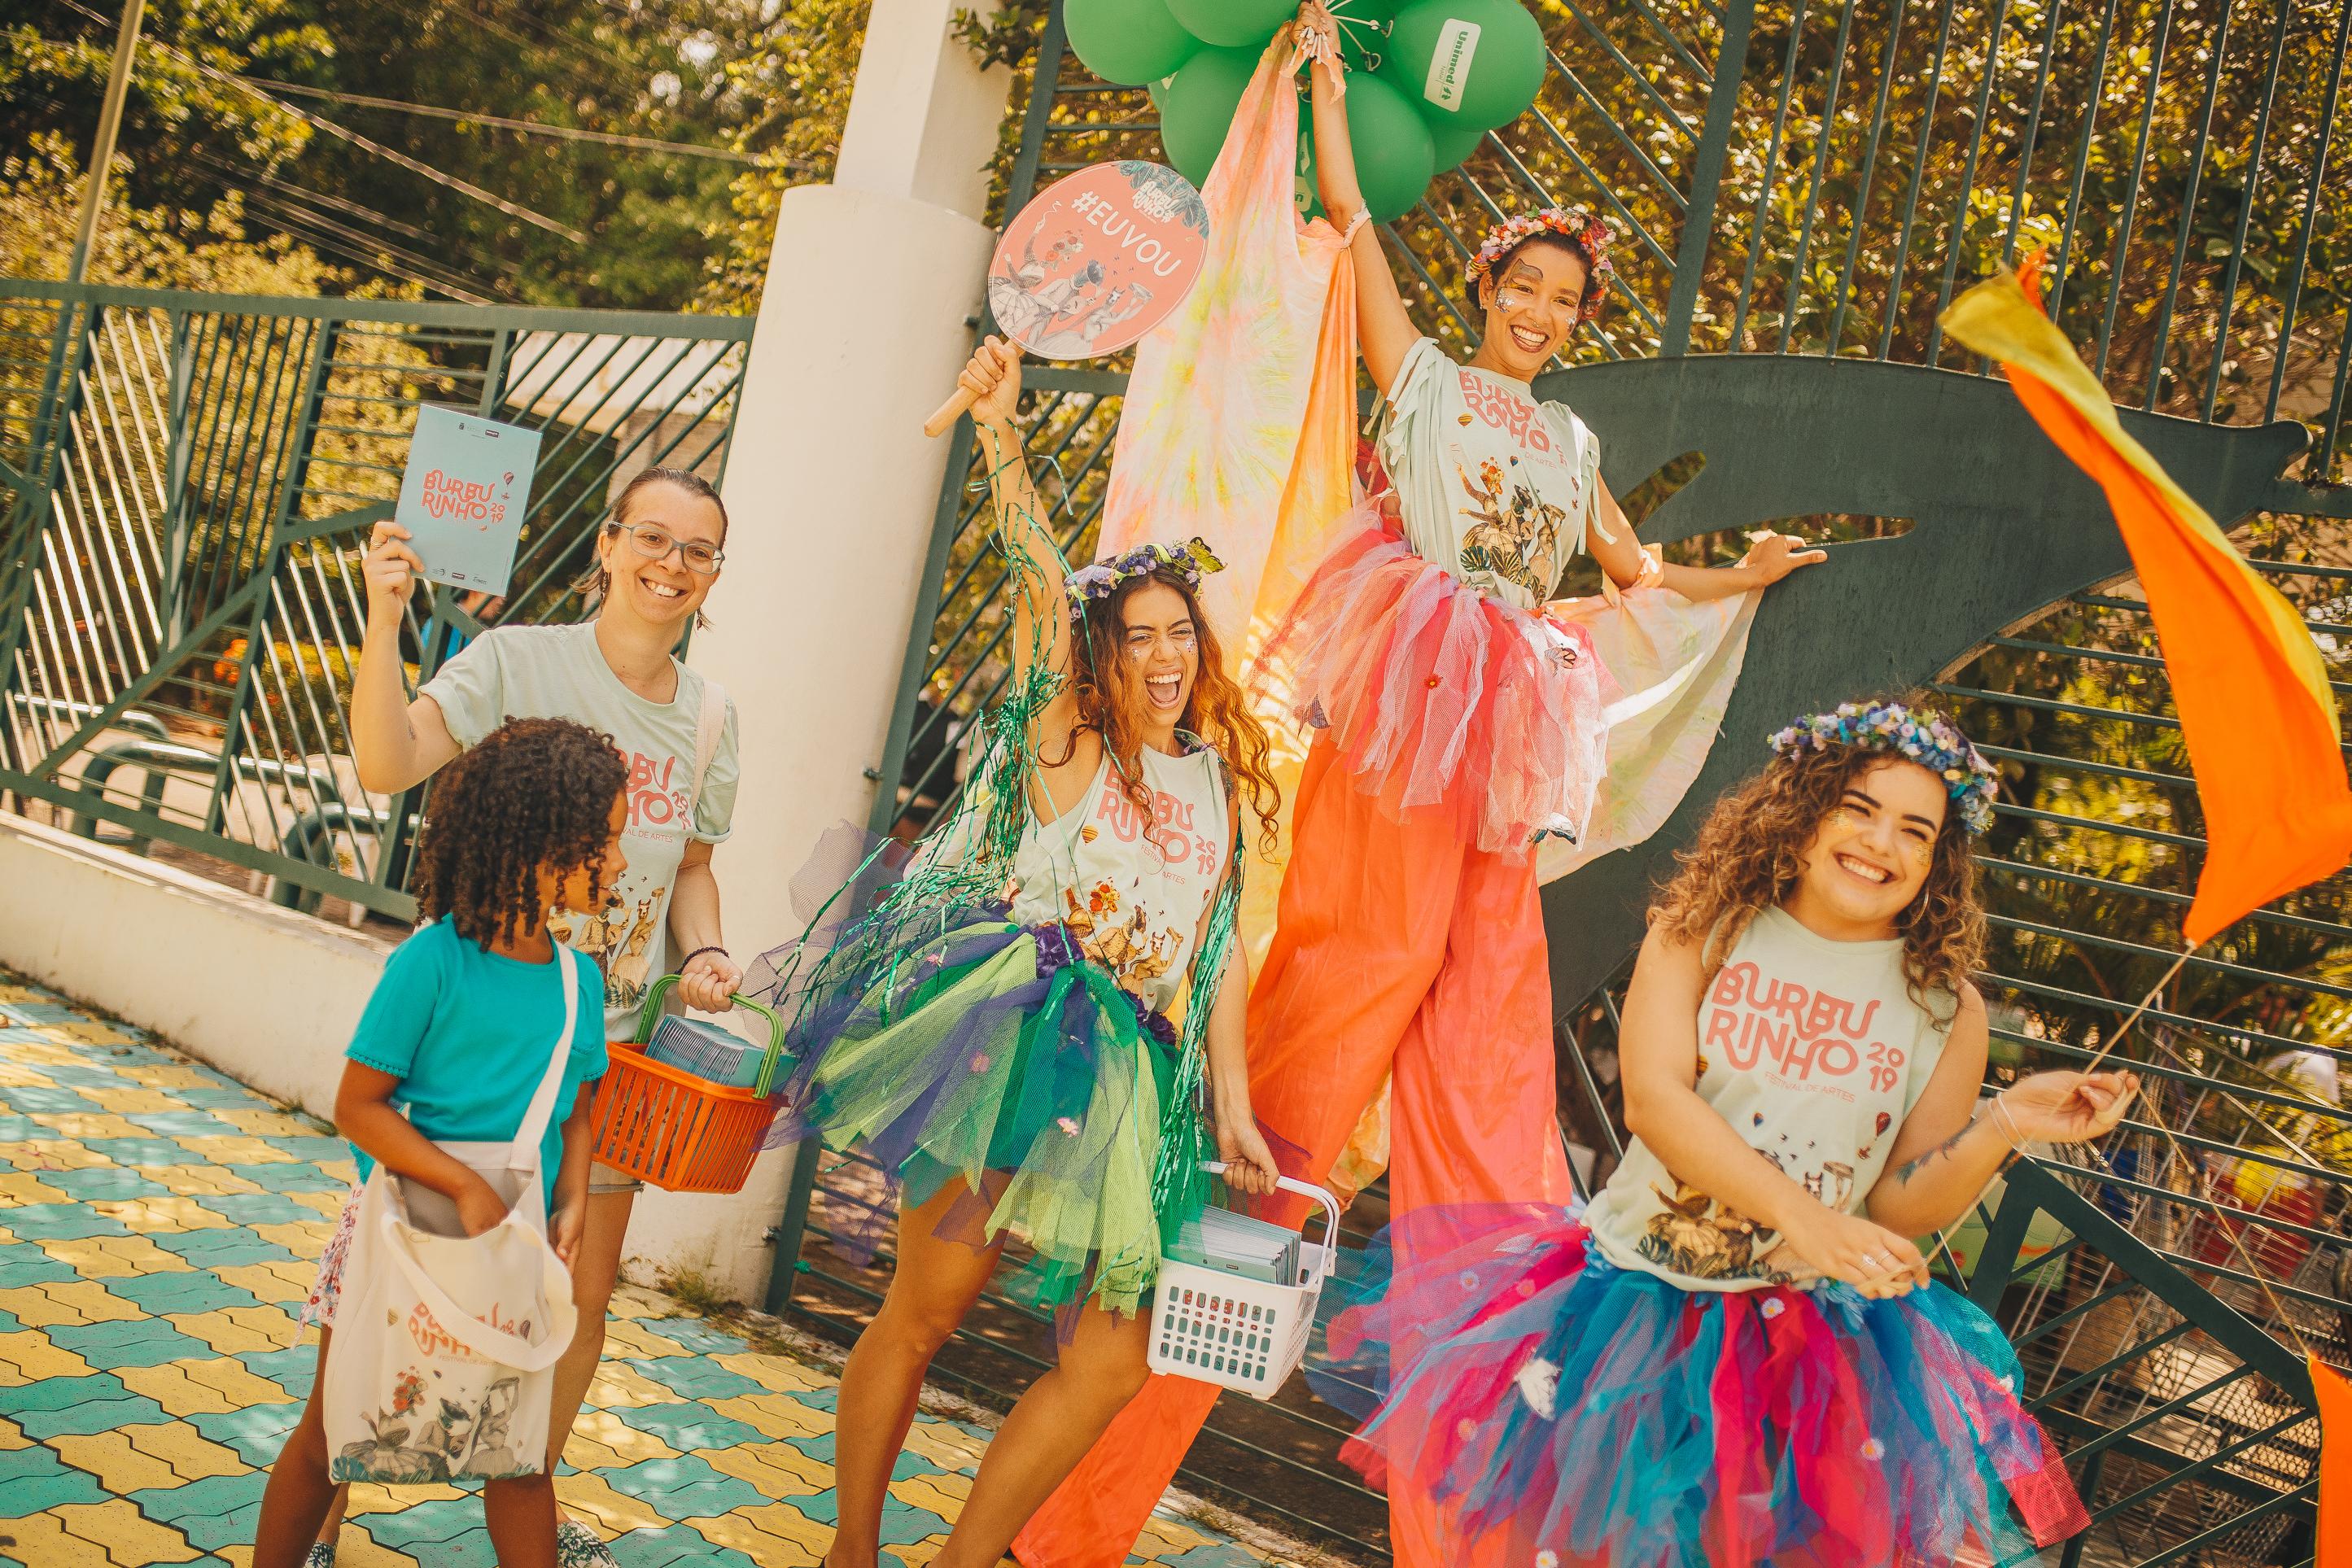 Esta semana é Burburinho Festival de Artes, confira a programação completa